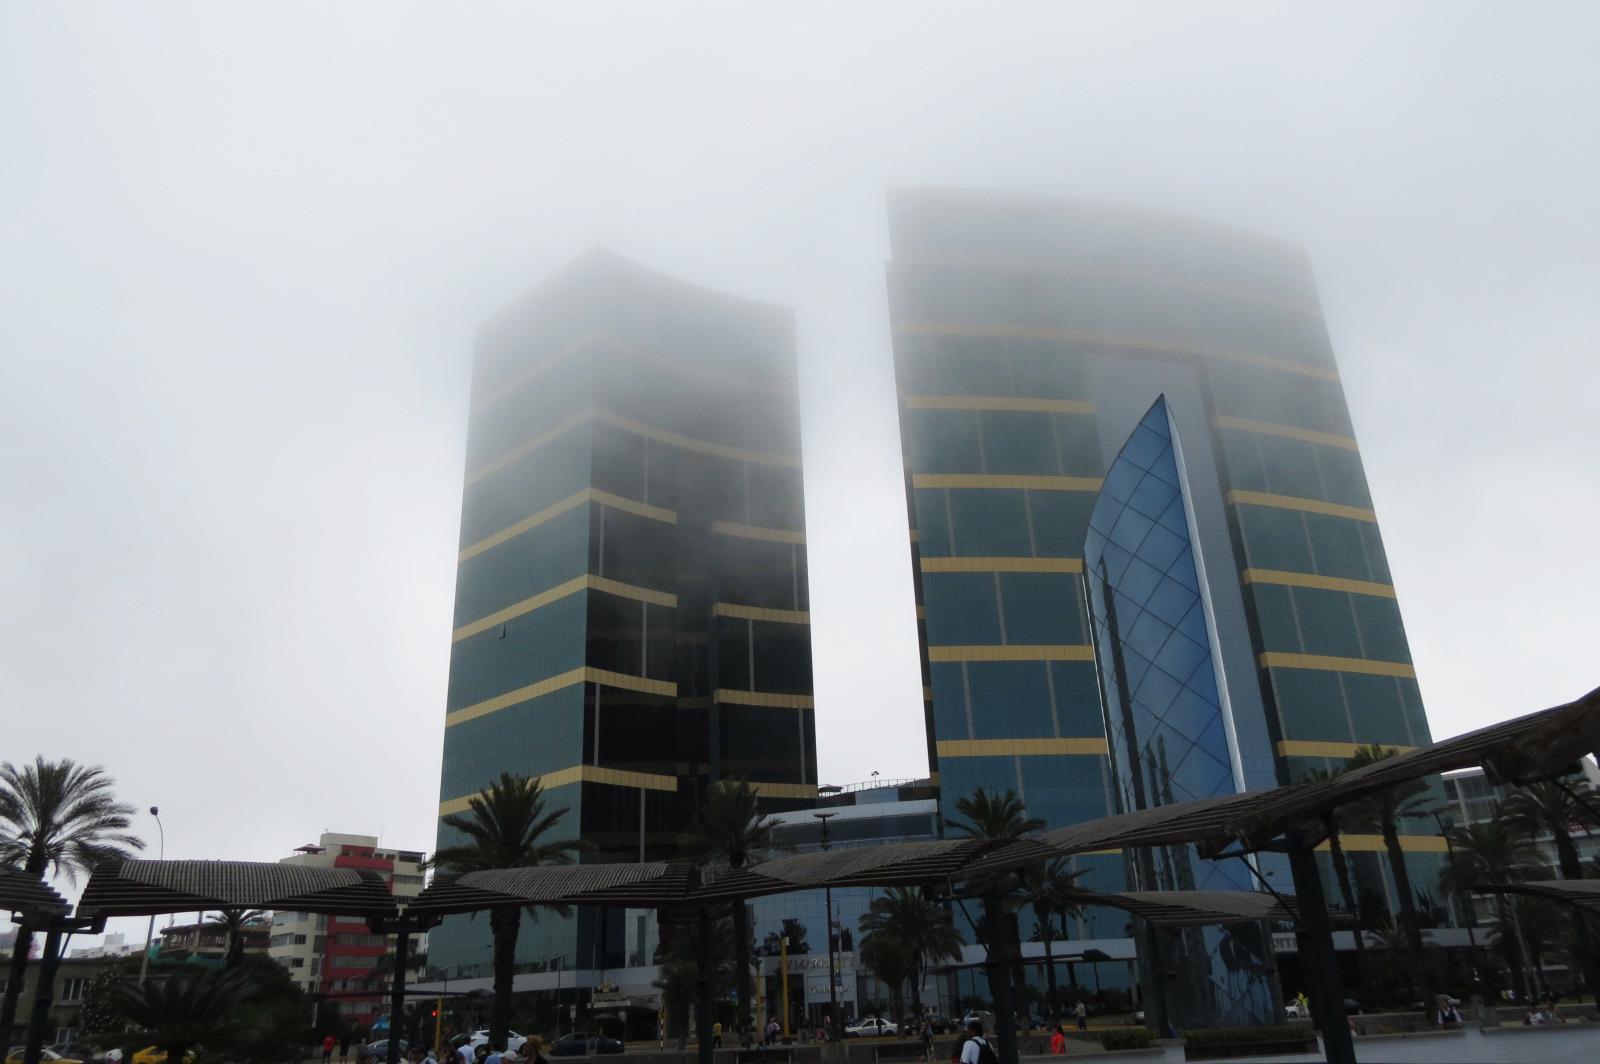 edificios cubiertos de niebla en miraflores